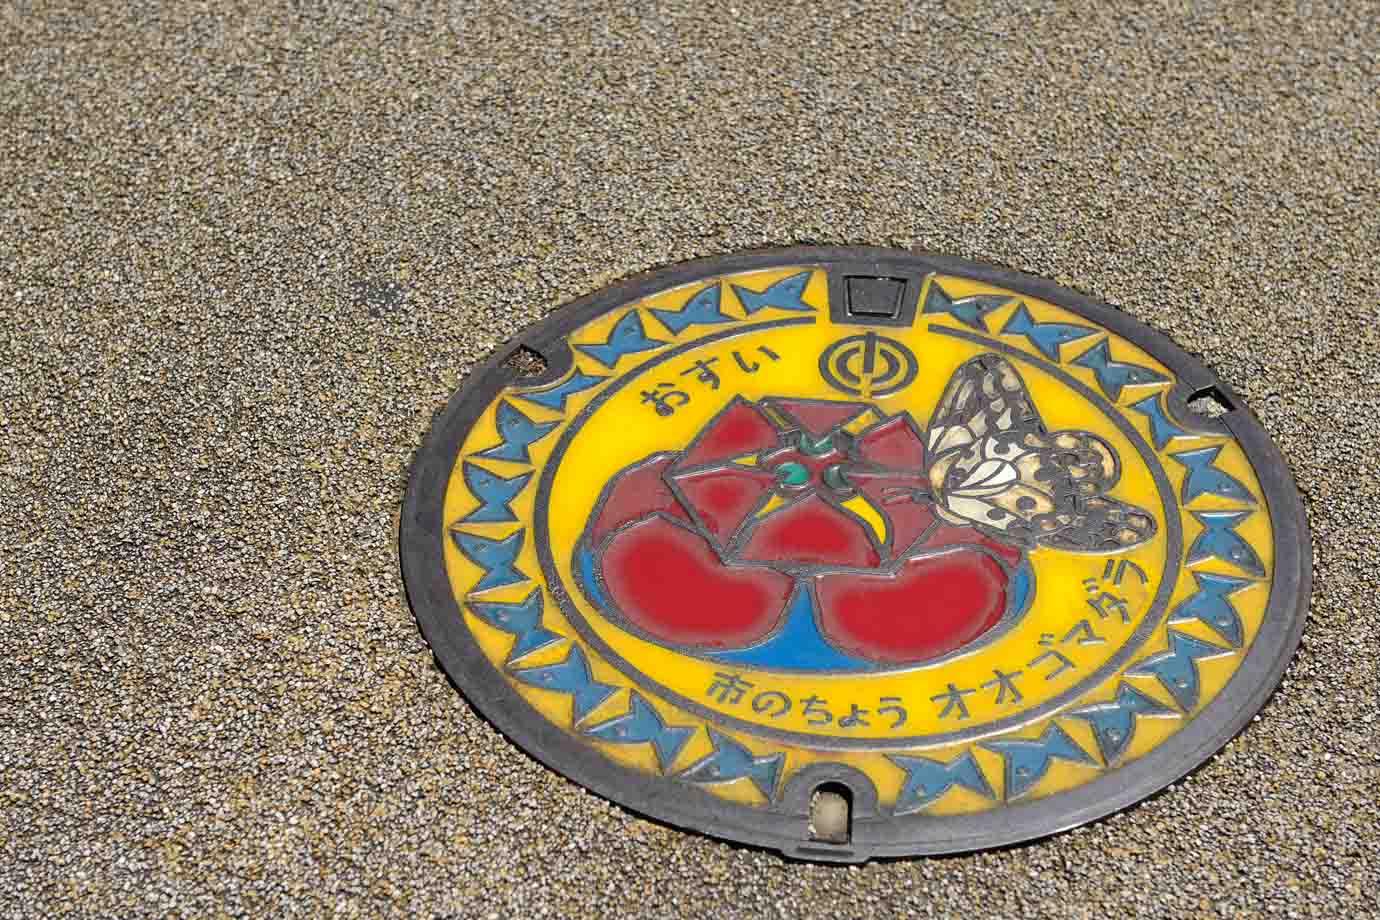 各地でデザインは様々。こちらは沖縄県那覇市のもの。鮮やかな色が目を引きます